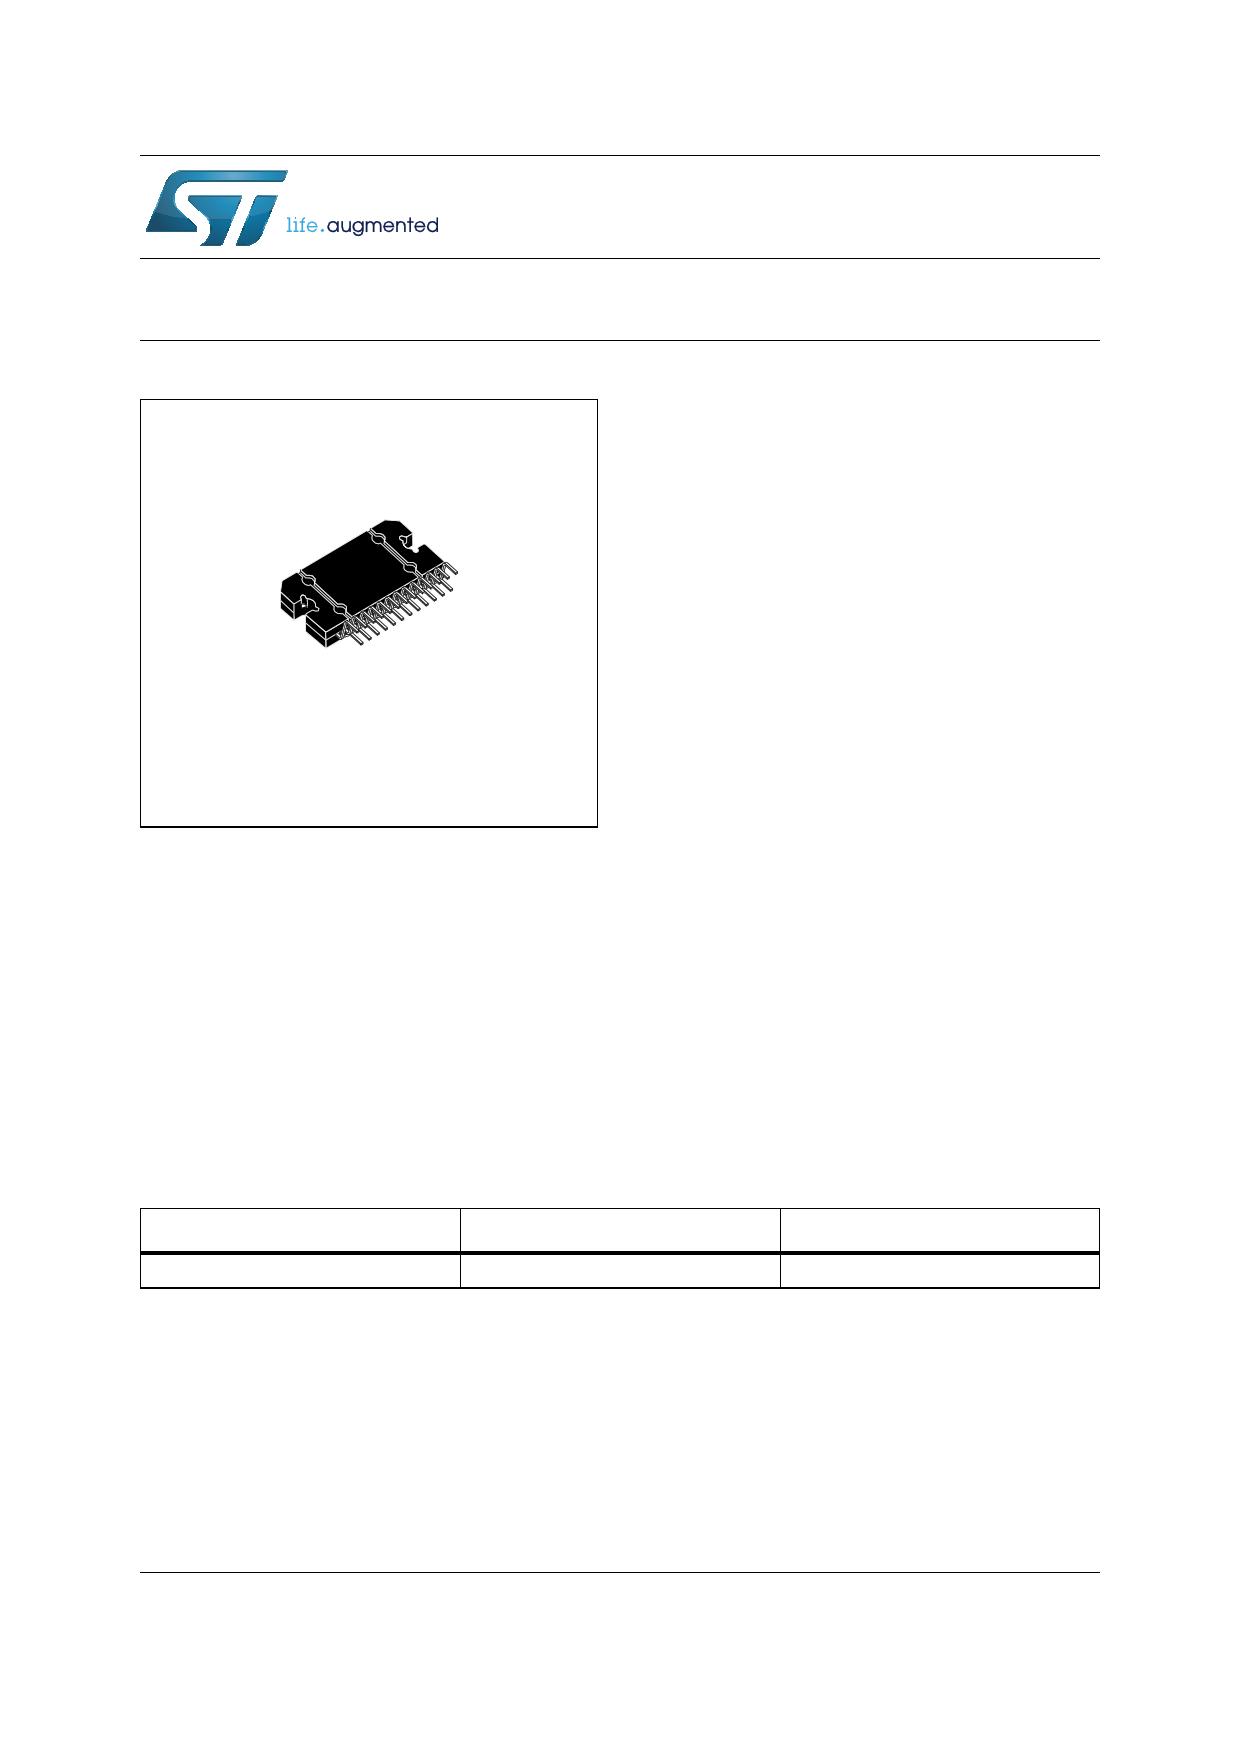 TDA7388 datasheet image